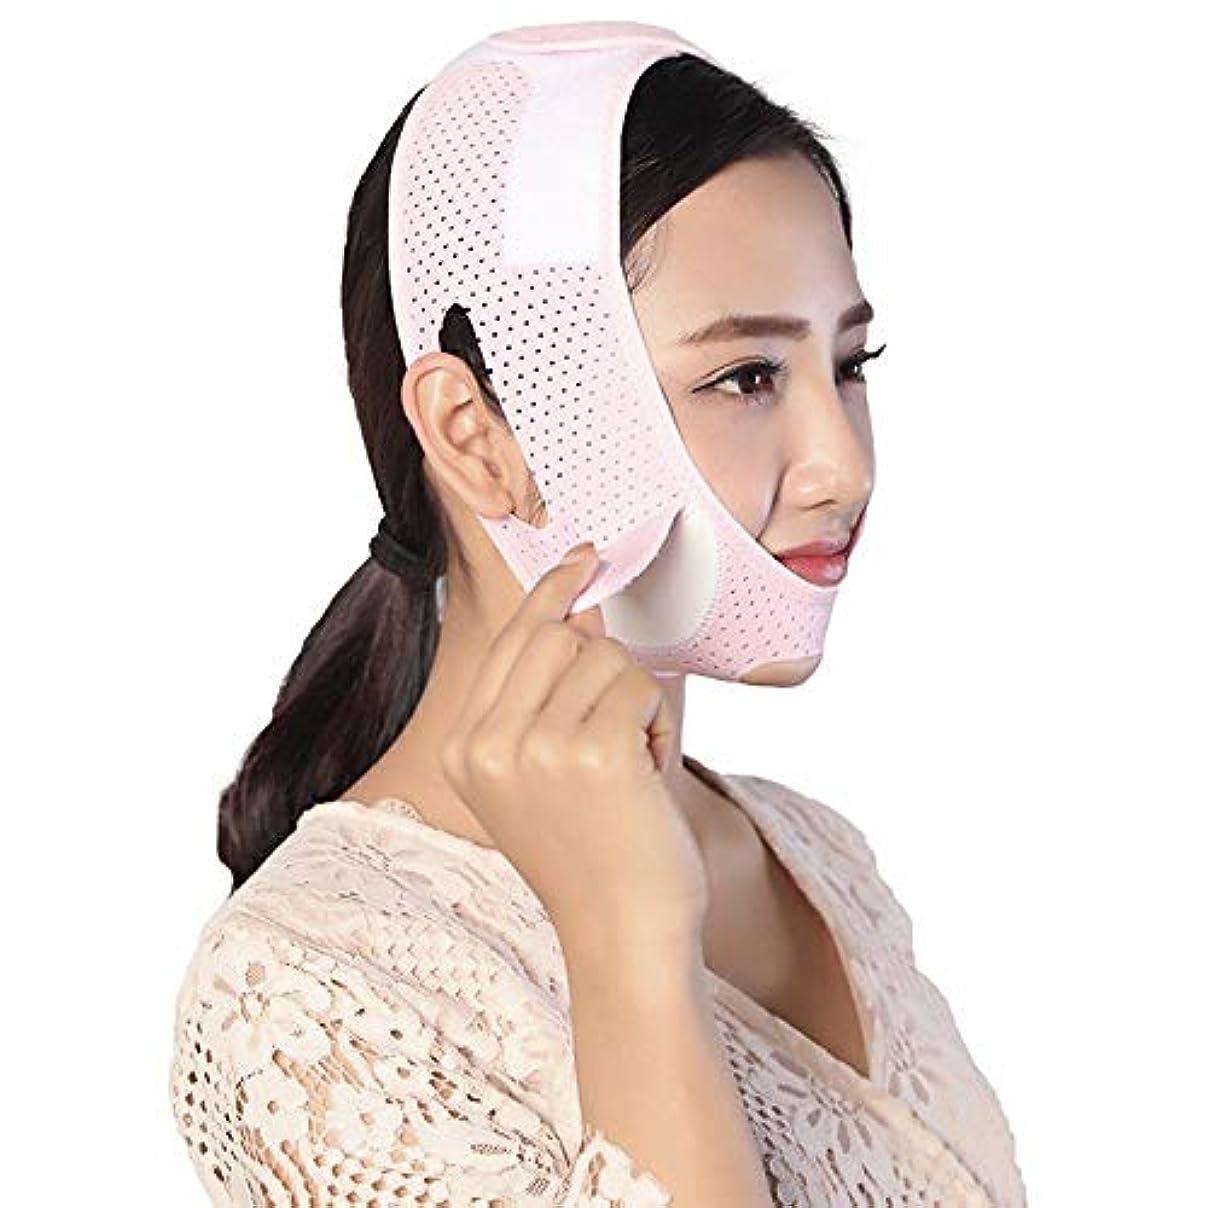 収容するラッチセットするBS フェイシャルリフティング痩身ベルト - 圧縮二重あご減量ベルトスキンケア薄い顔包帯 フェイスリフティングアーティファクト